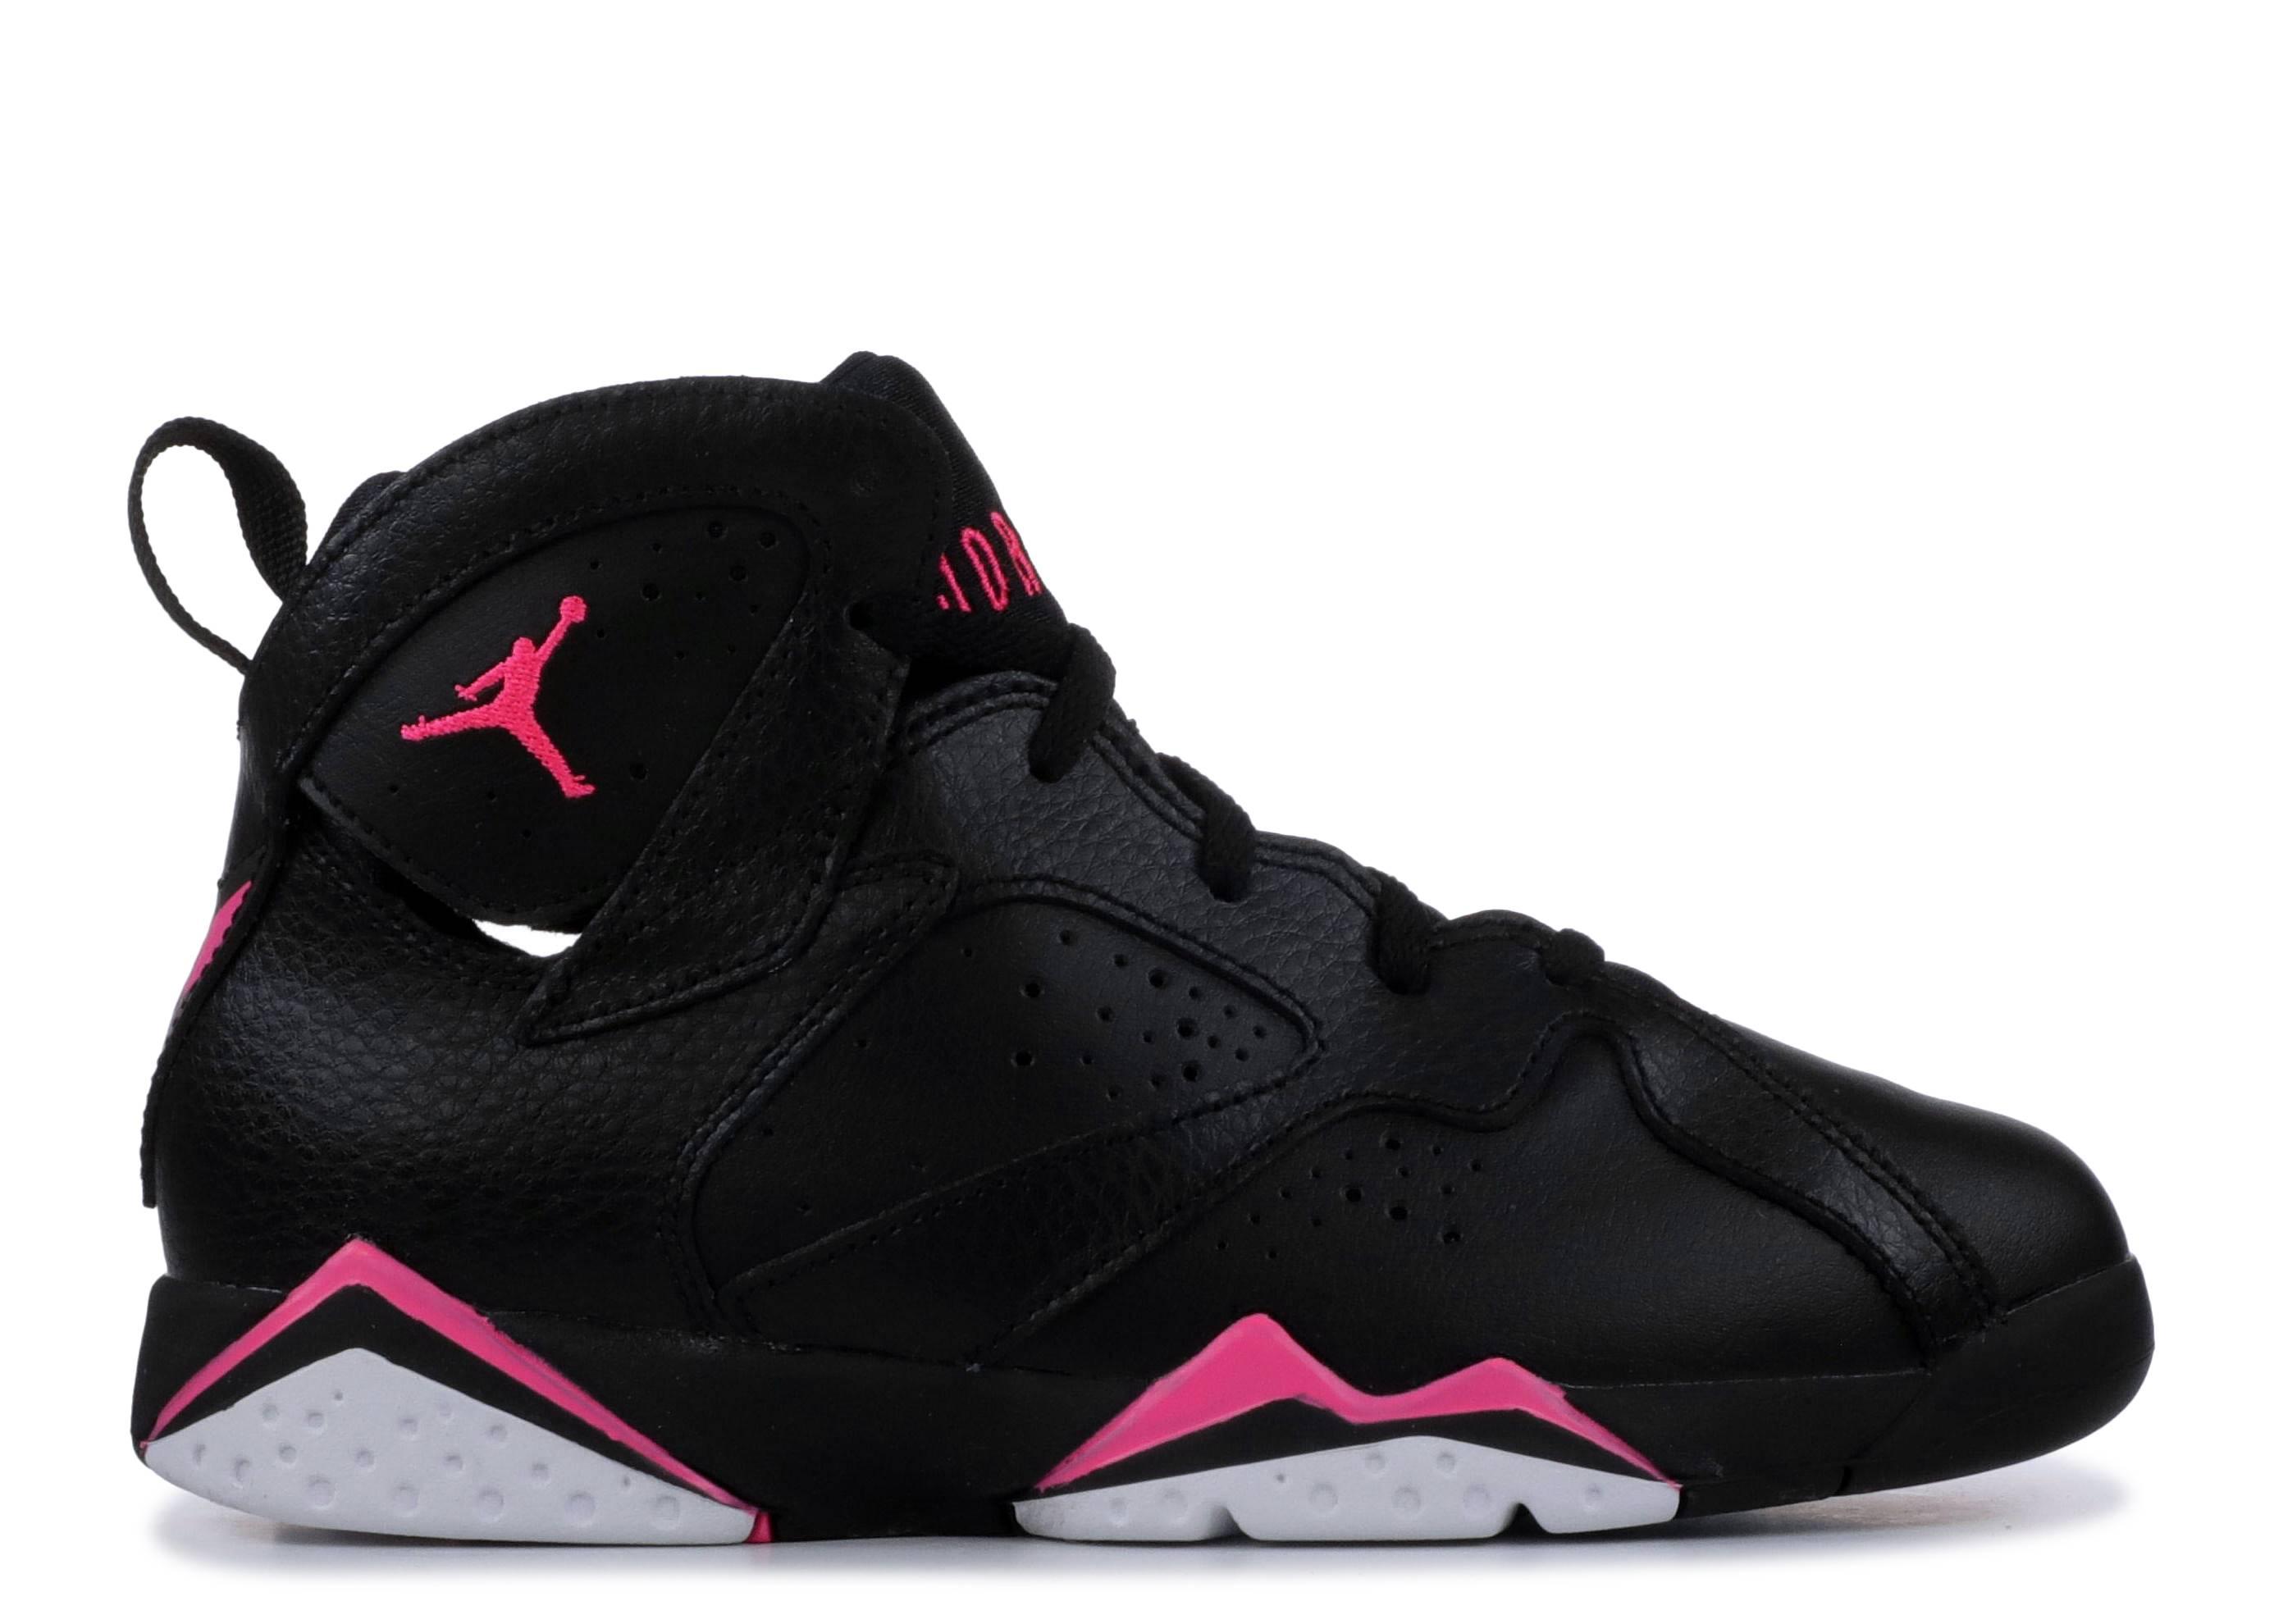 0e66e10fd582ea Jordan 7 Retro Gp - Air Jordan - 442961 018 - black hyper pink hyper ...